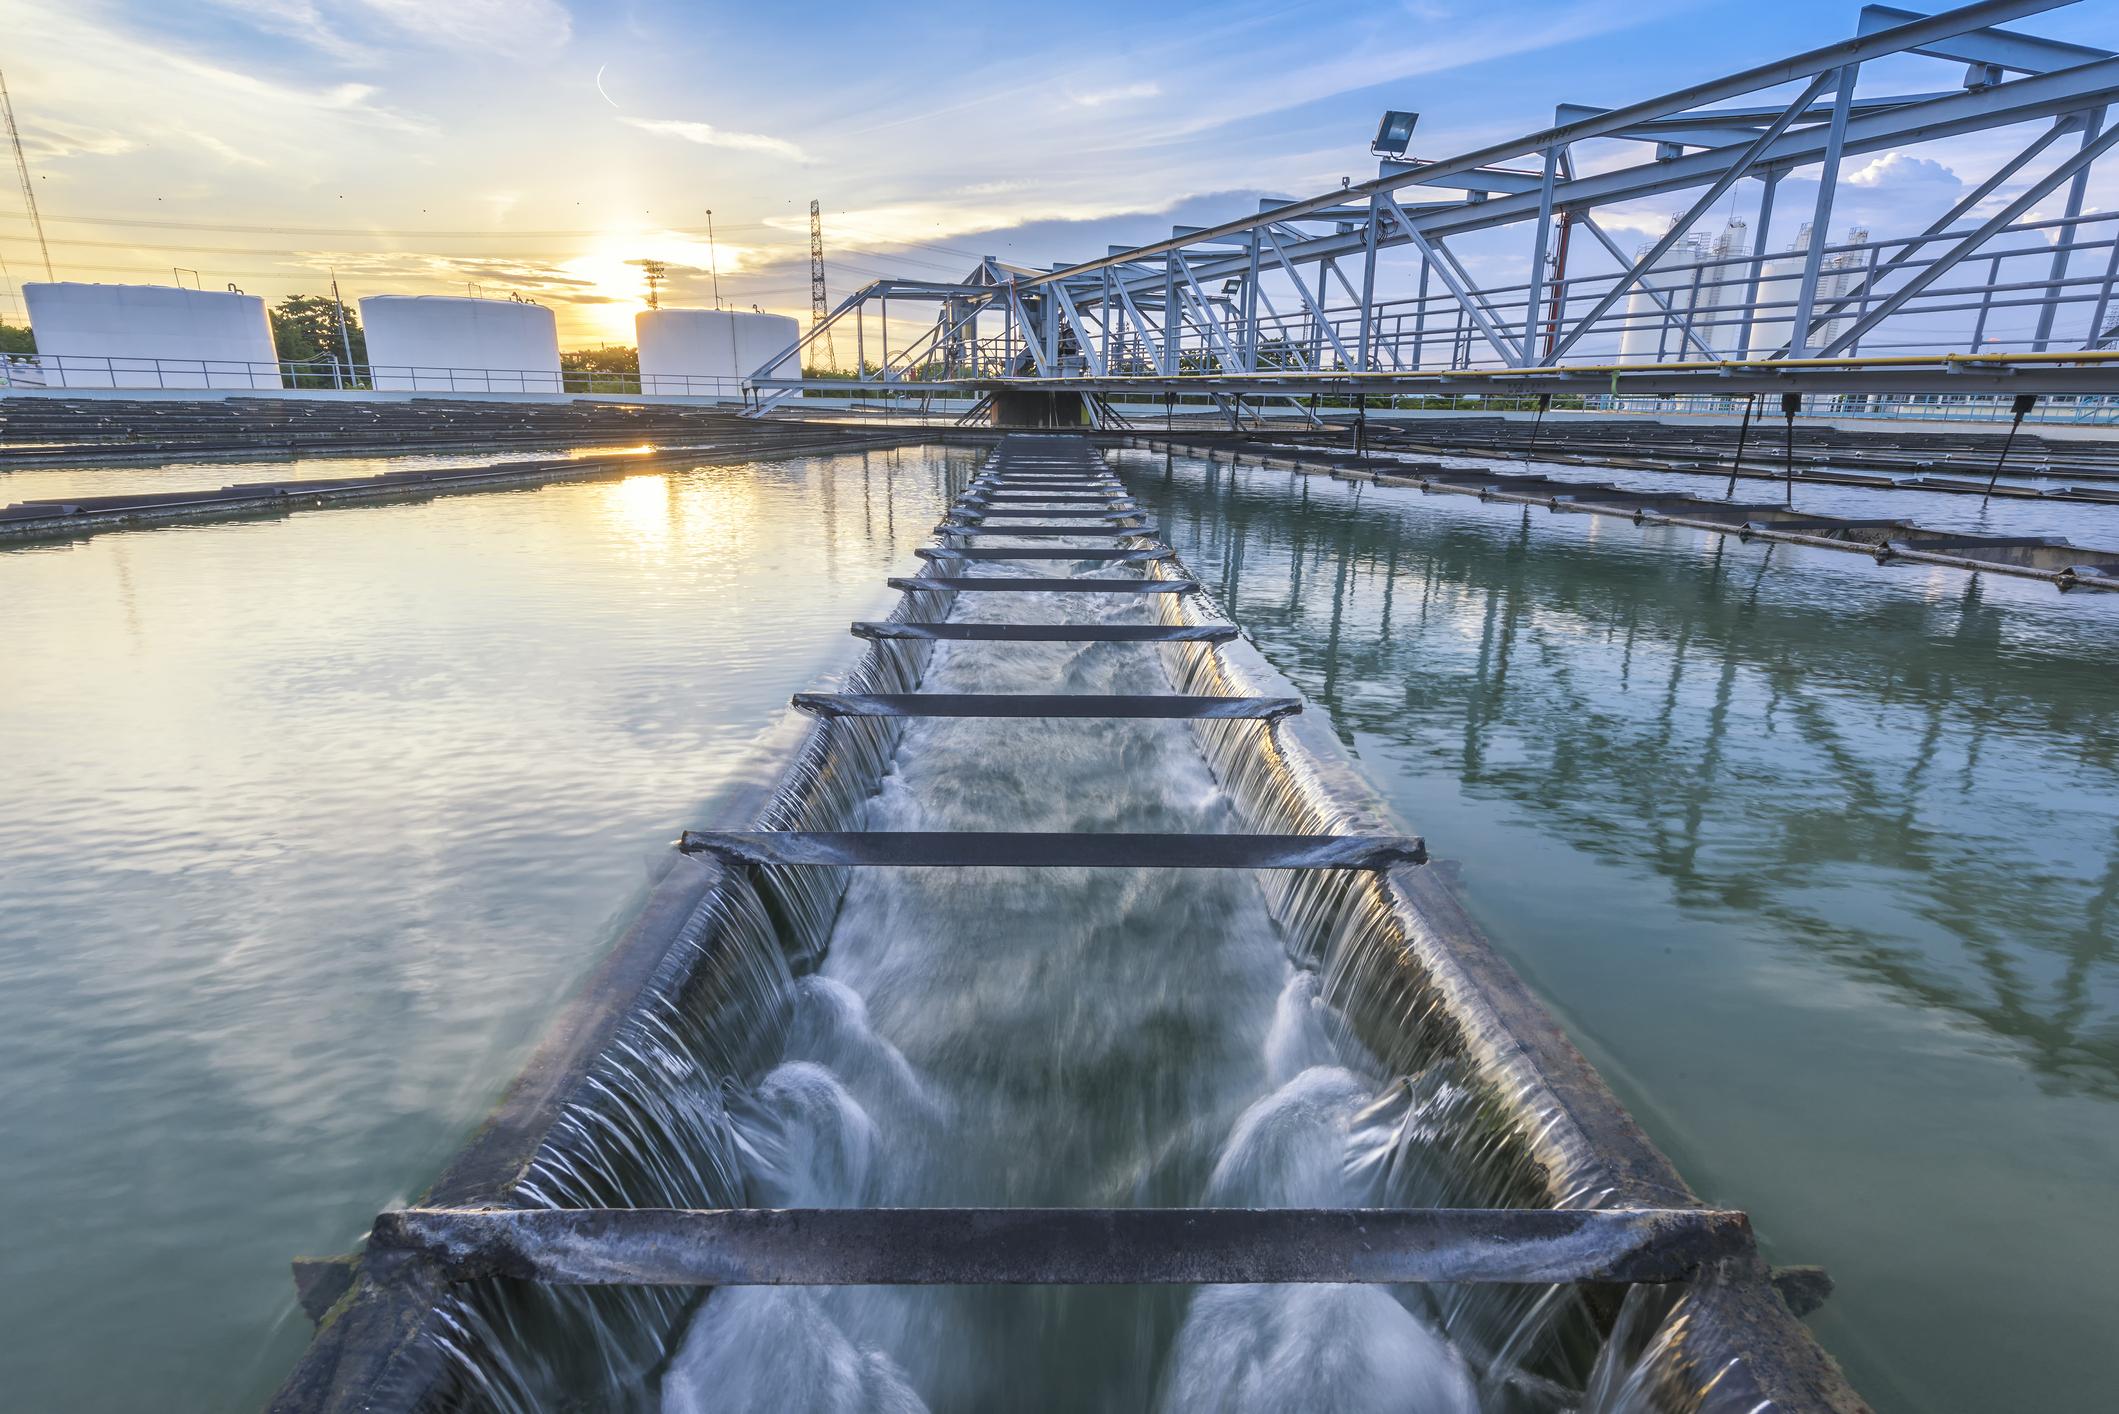 Trinkwasserversorgung: Wie sicher ist Ihre operative Technologie?